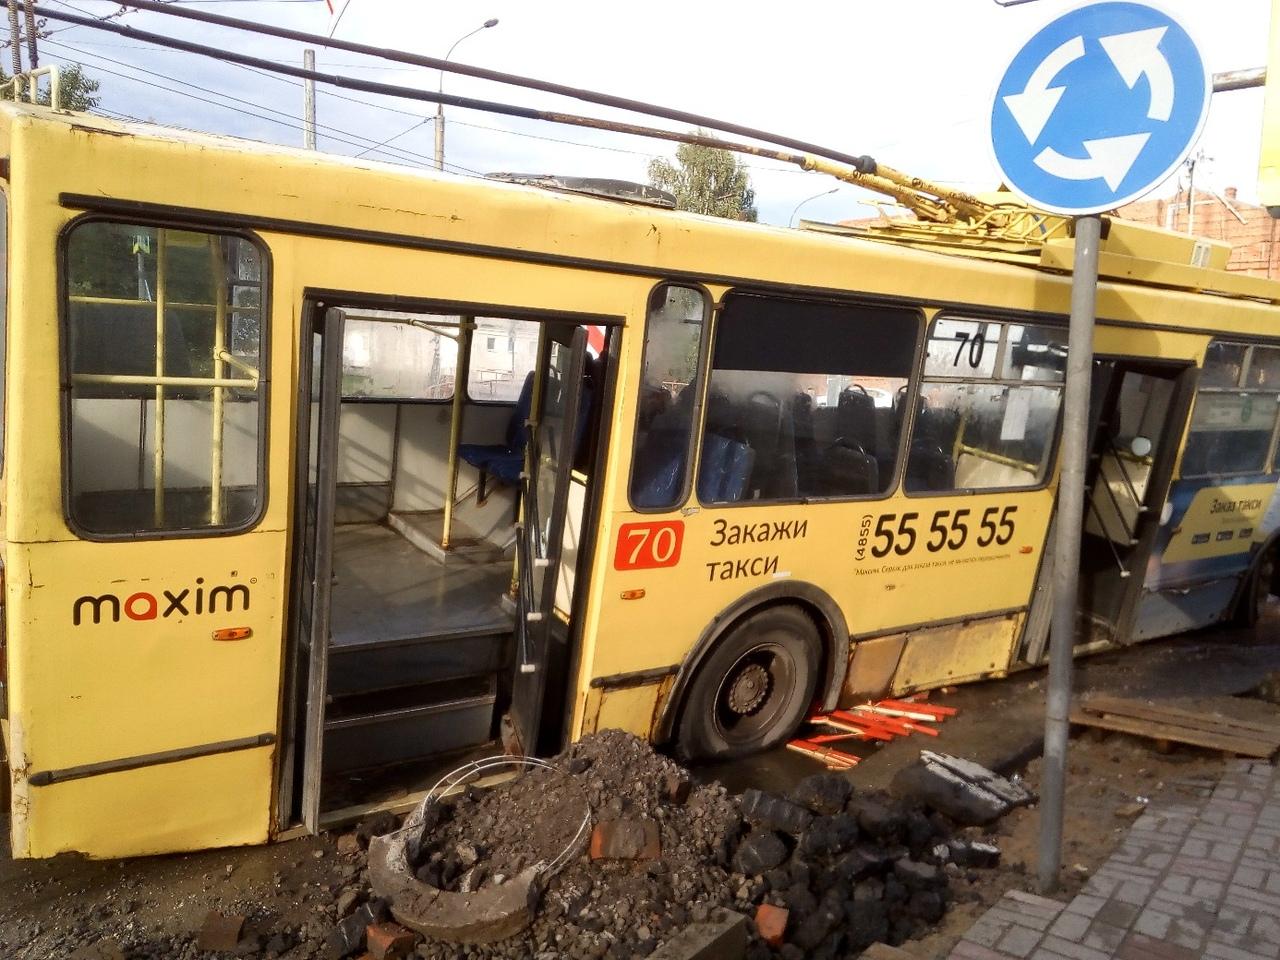 В Рыбинске троллейбус провалился в большую яму в центре города